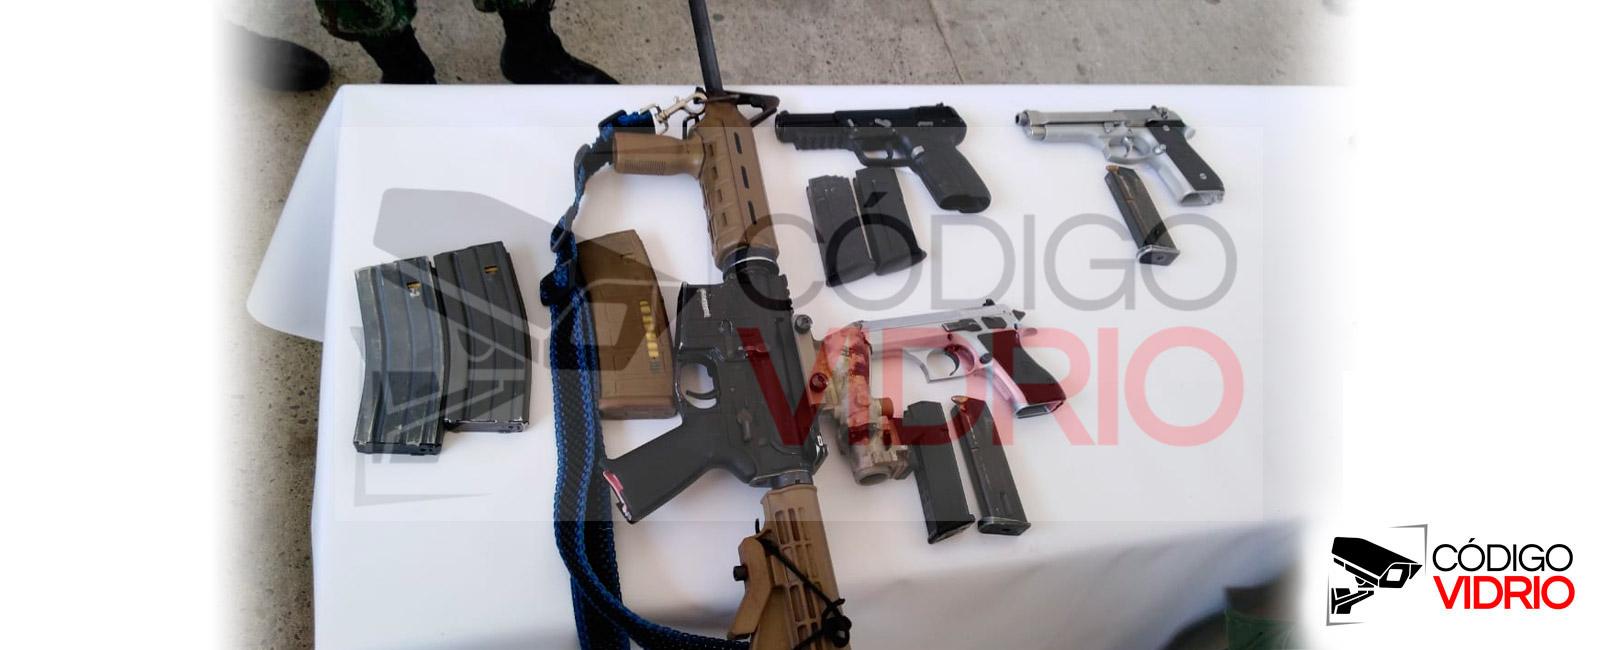 Militares vendían armas, explosivos y municiones a Guacho - Código Vidrio